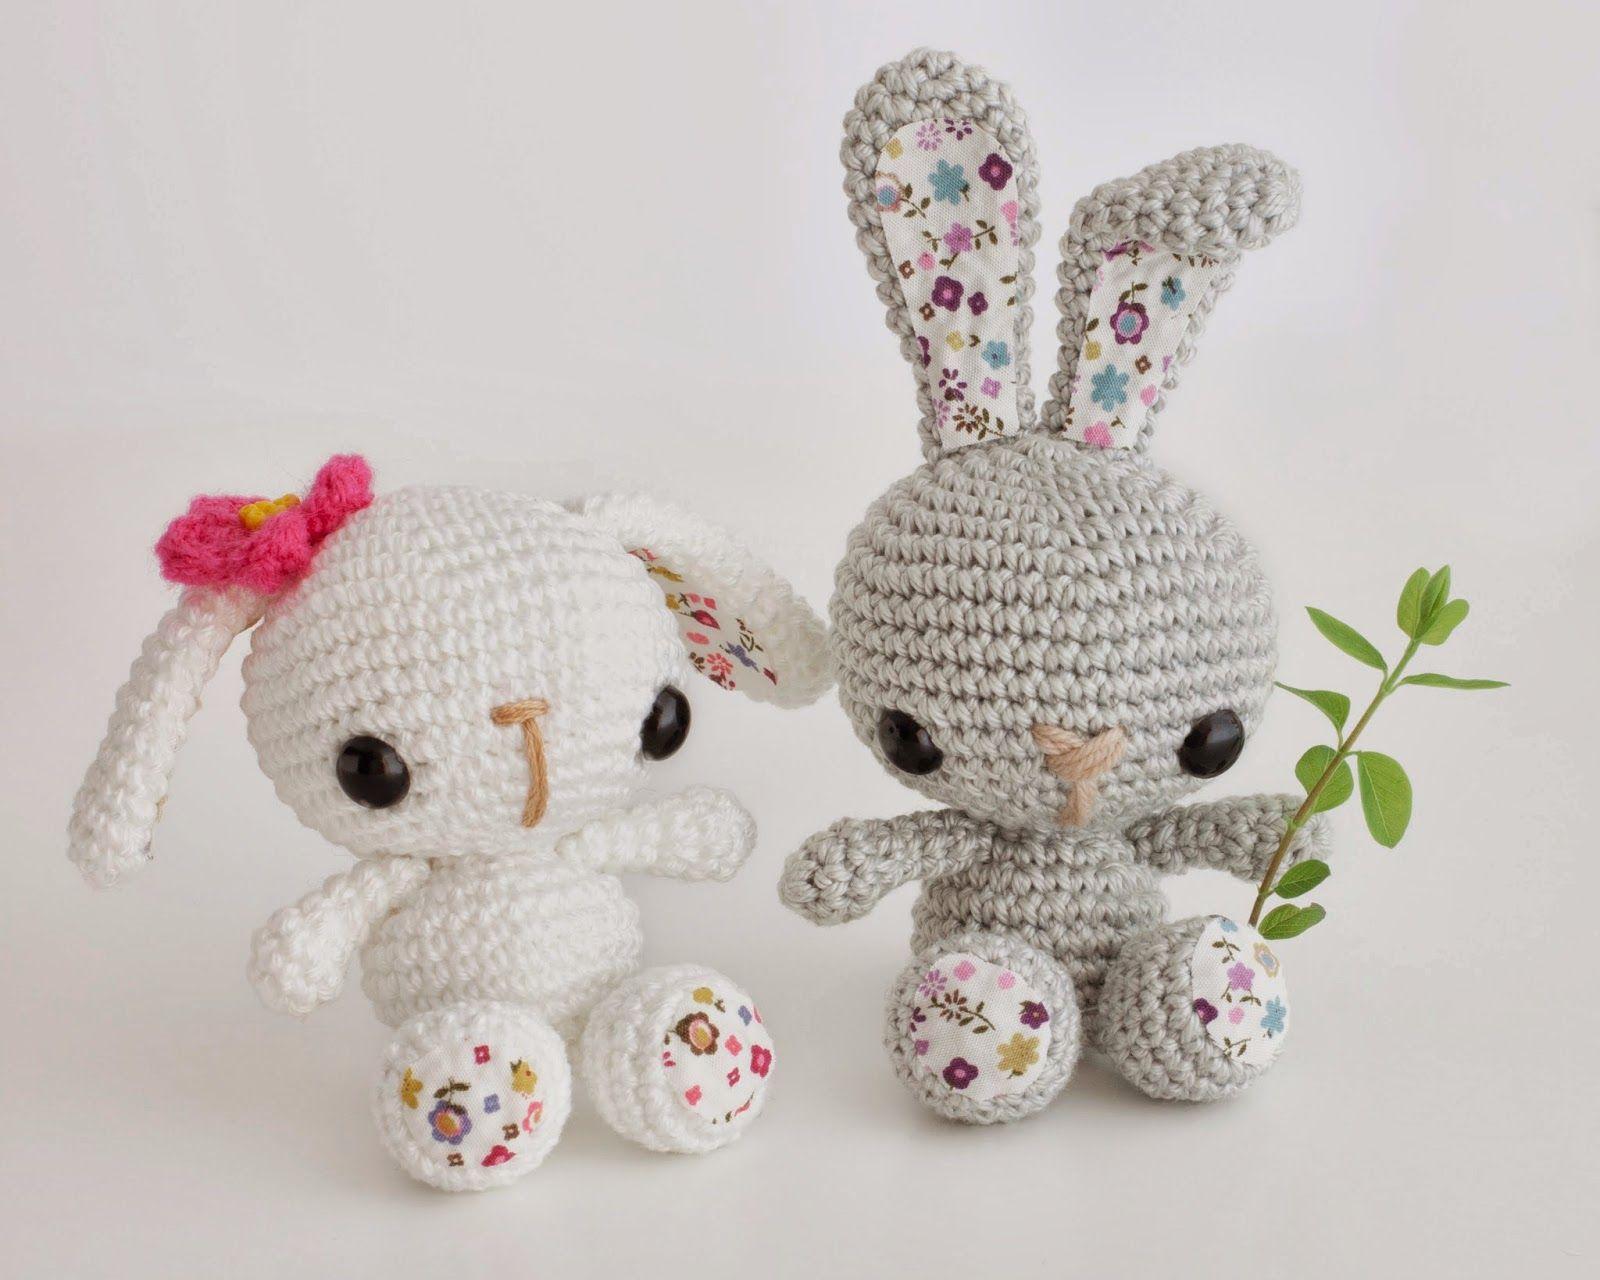 Amigurumi conejitos de primavera (enlace a patrón) | Crochet ...